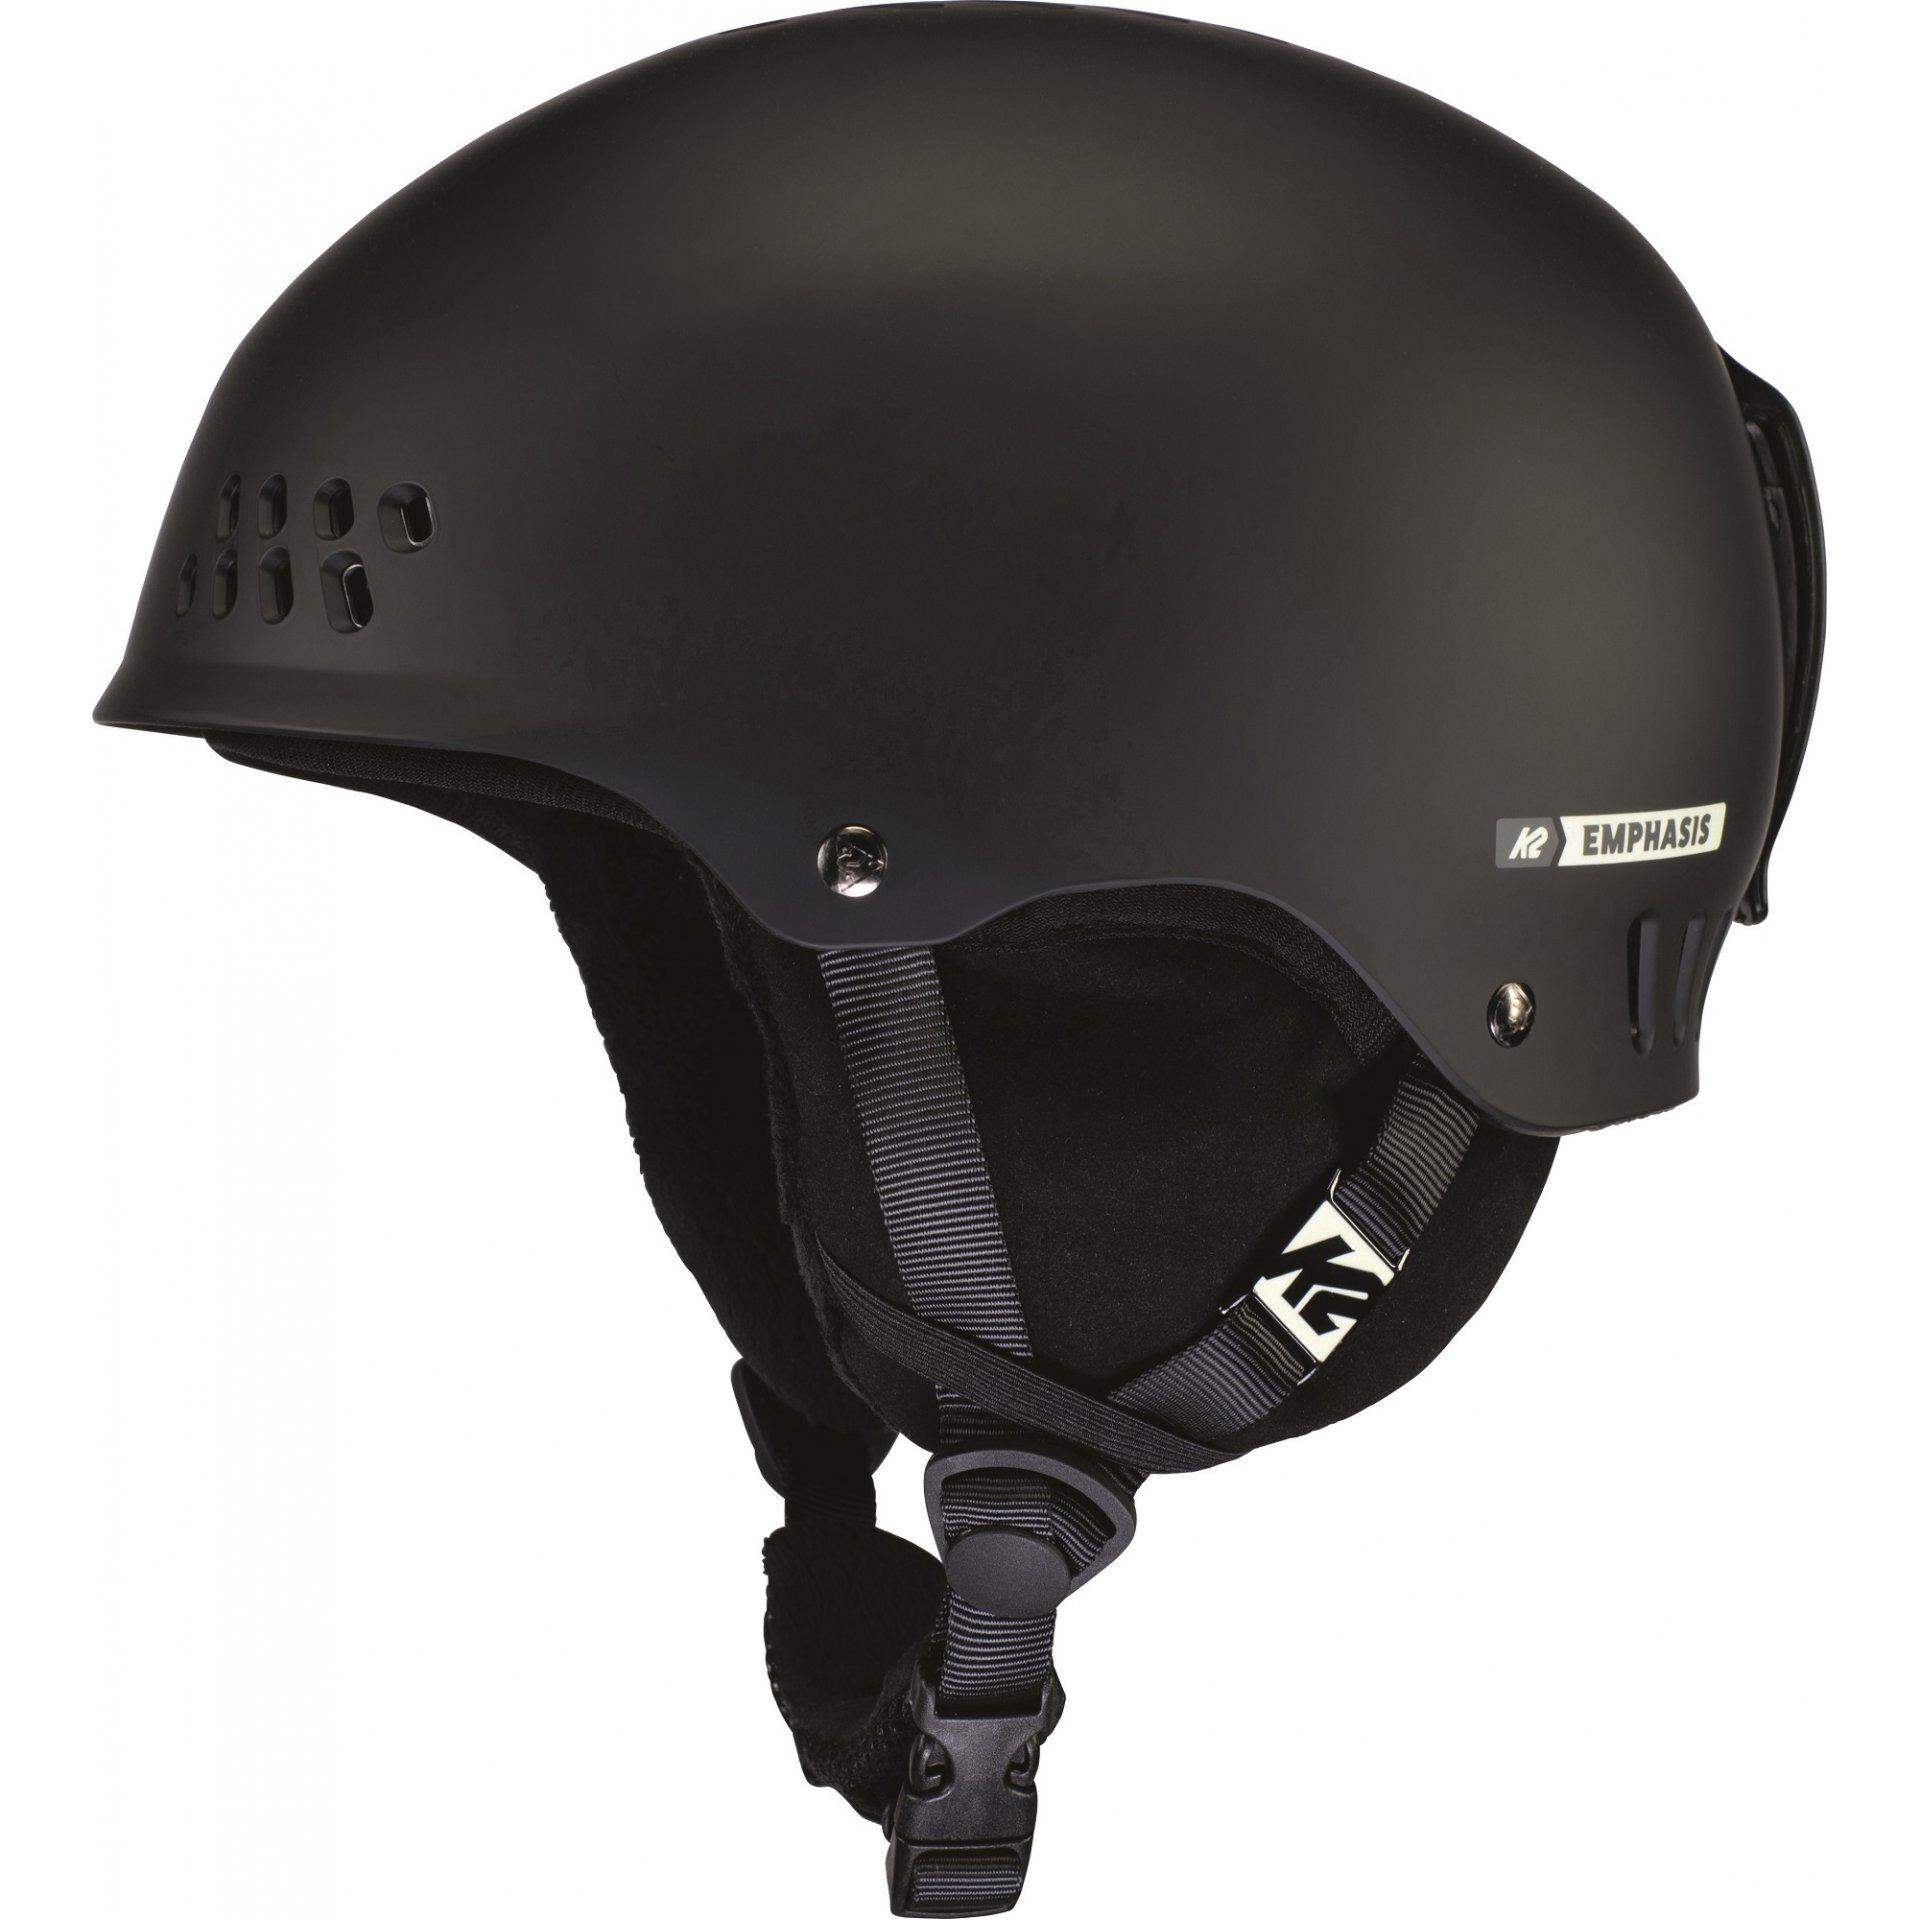 KASK K2 EMPHASIS 10E4008|11 BLACK